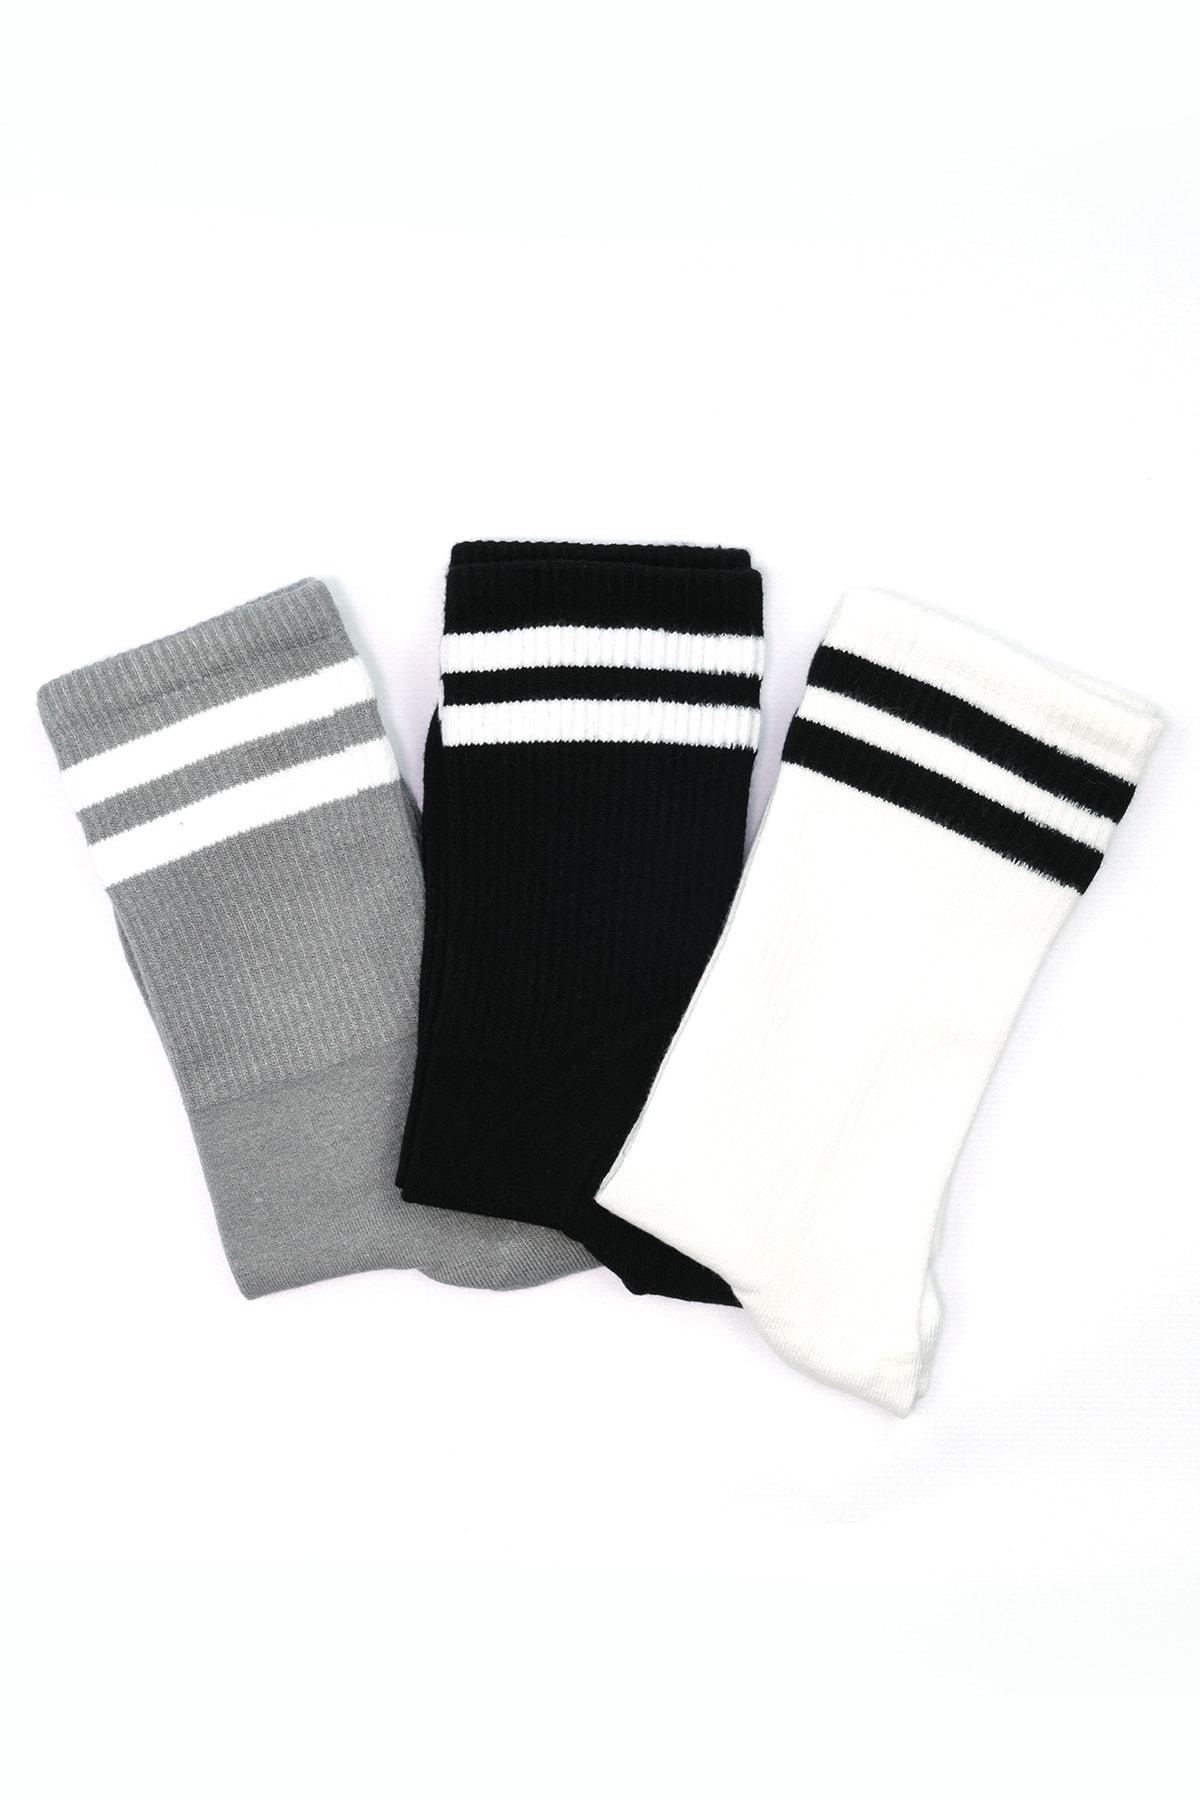 Moodligo Premium 6'lı Bambu Kadın Tenis Çorap - 2 Siyah 2 Gri 2 Beyaz 2